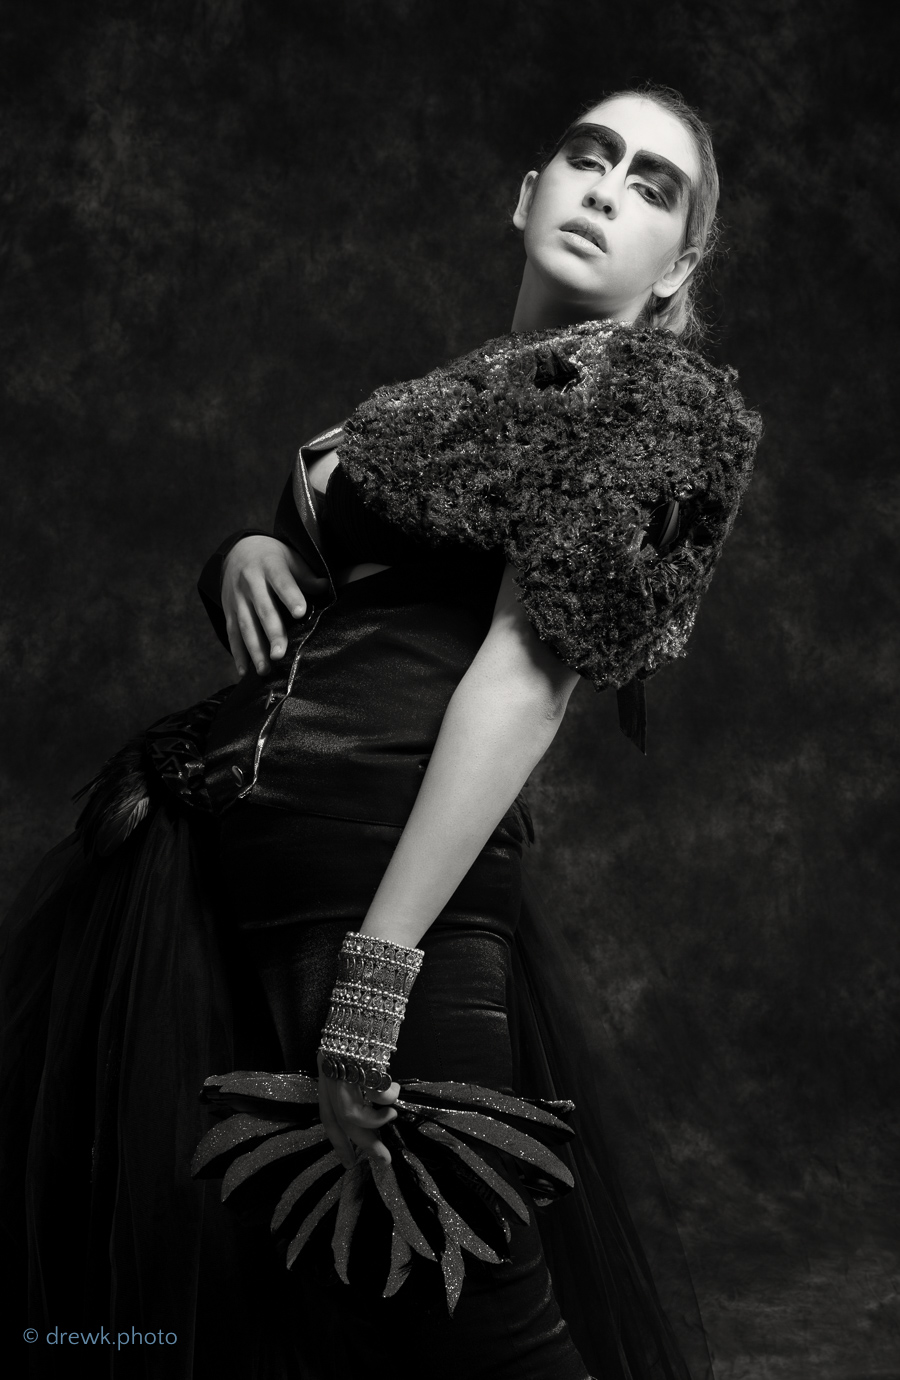 Simourgh Student fashion shoot for Nazira Muslem.<br /> Model : Argine<br /> MUA : Callelyne<br /> Hair : Sydnee-Beth Cross